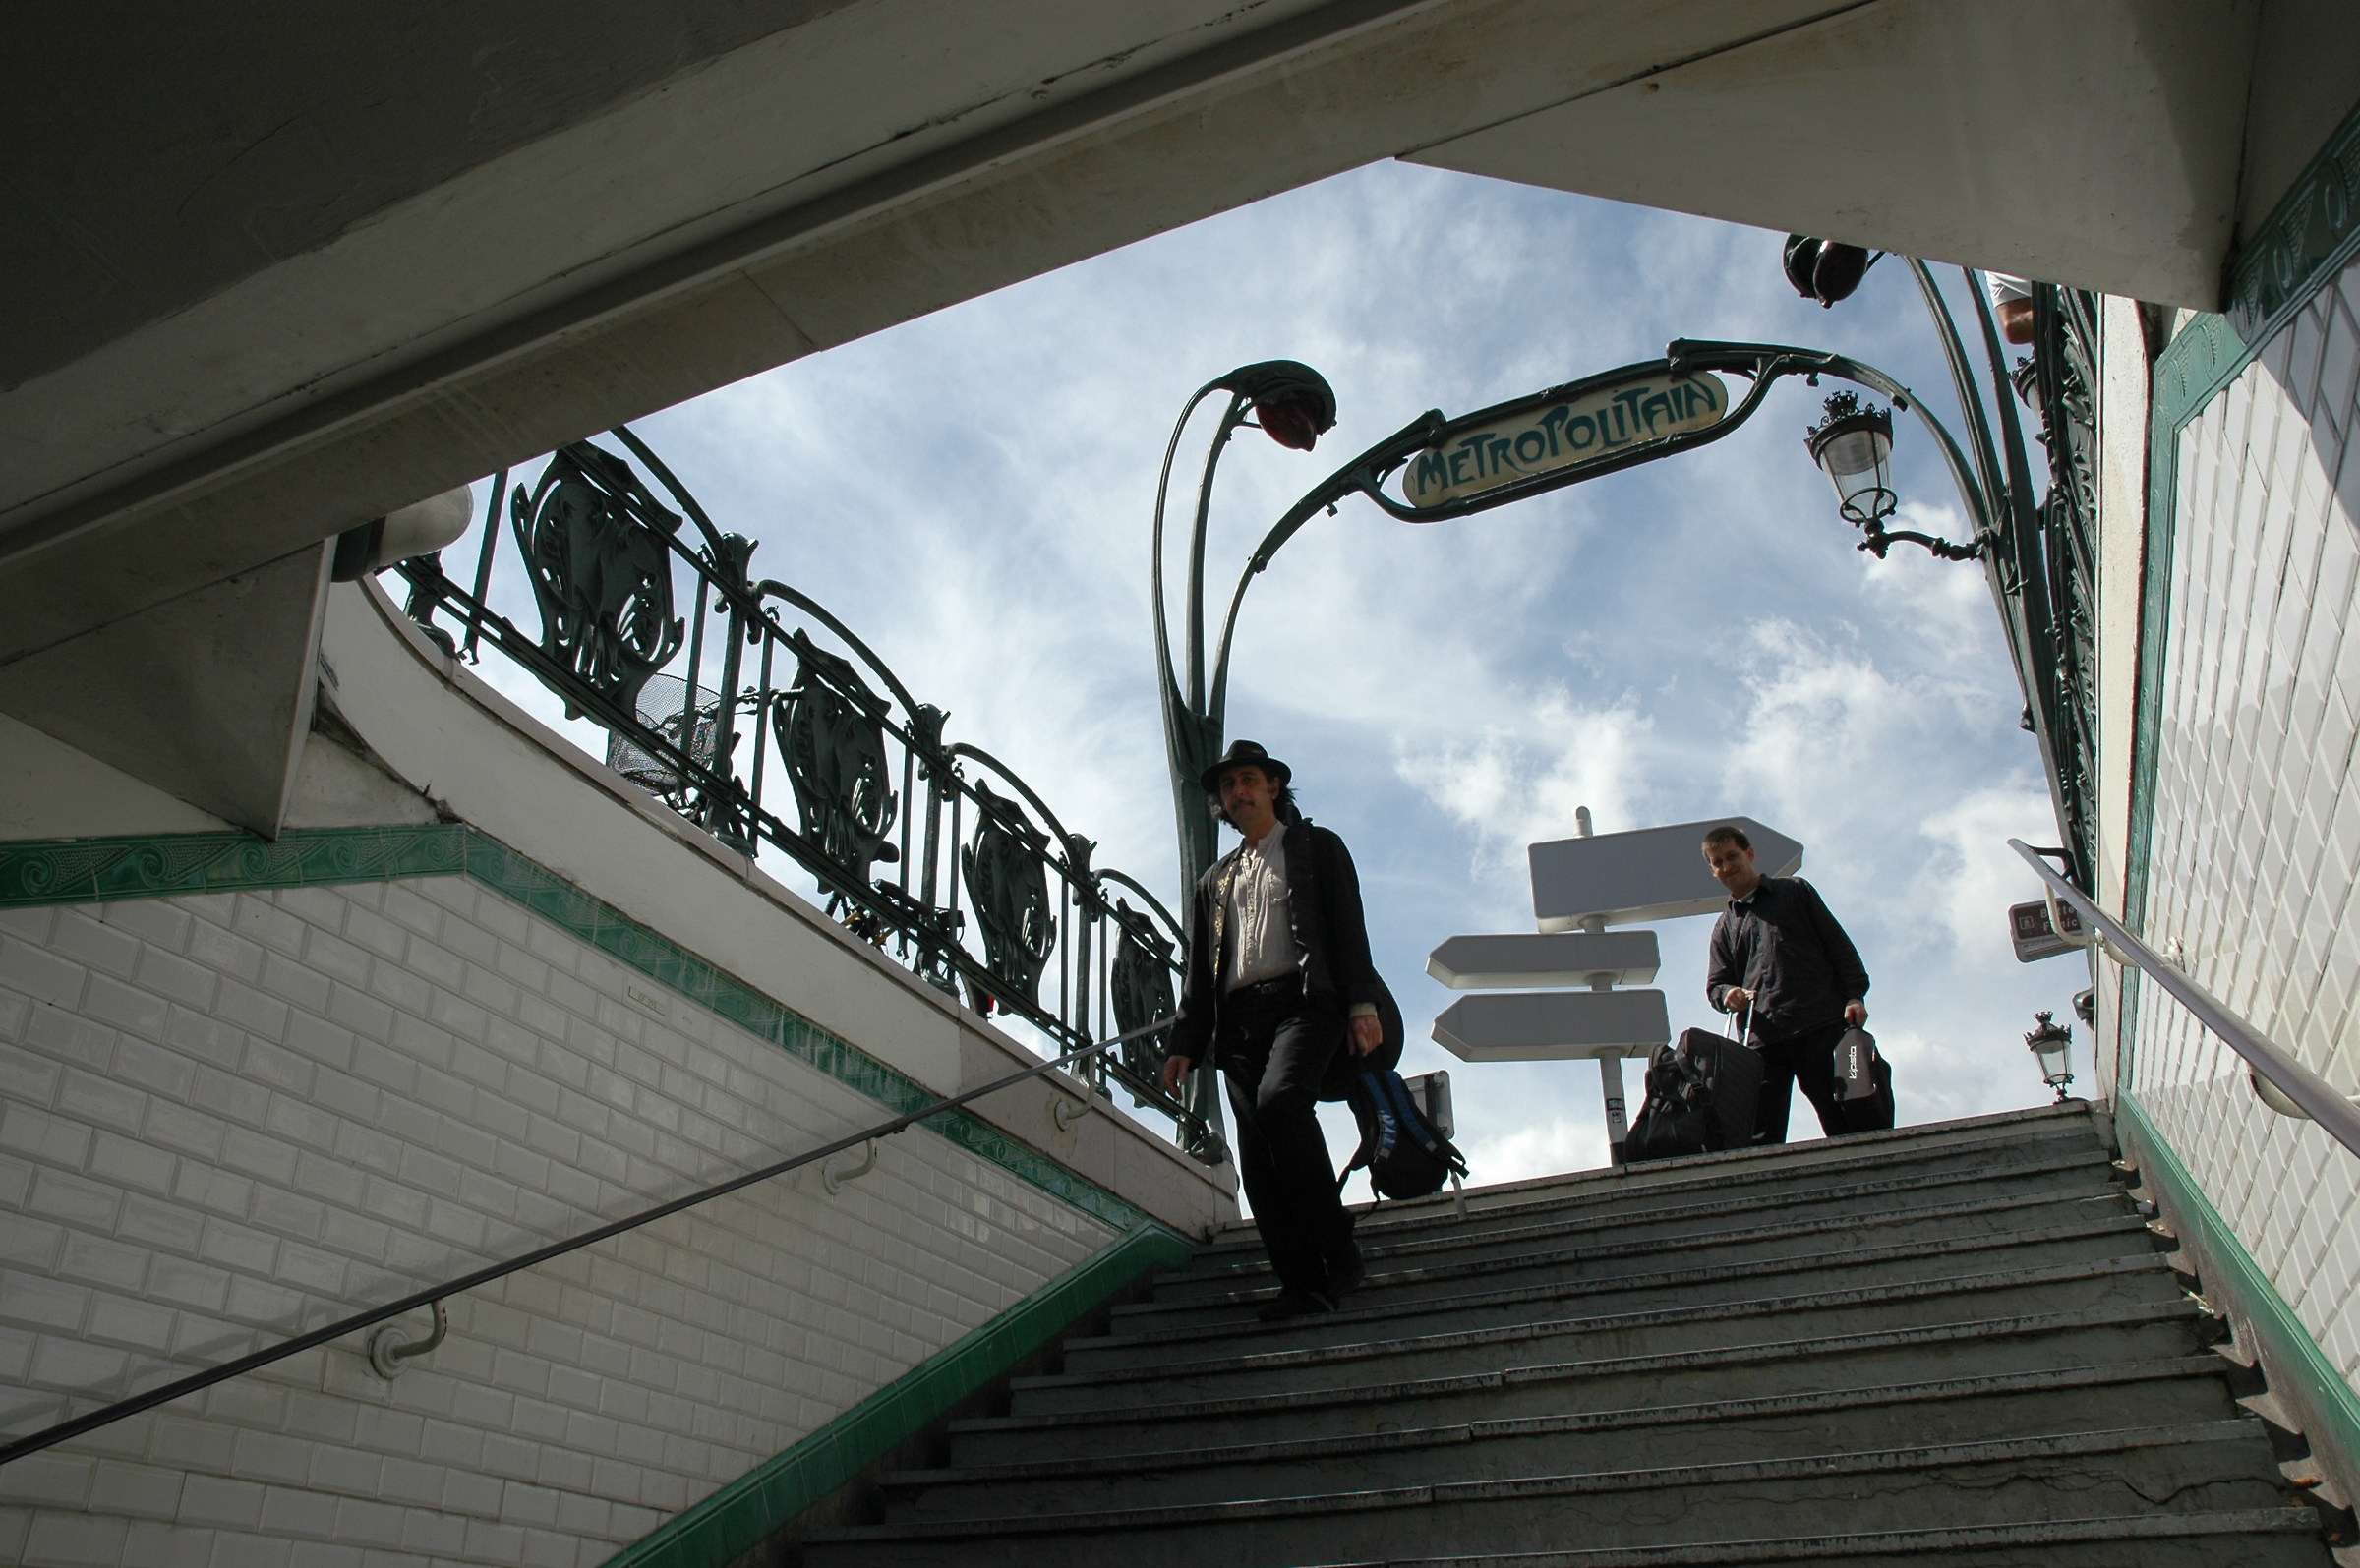 Paris Metro...